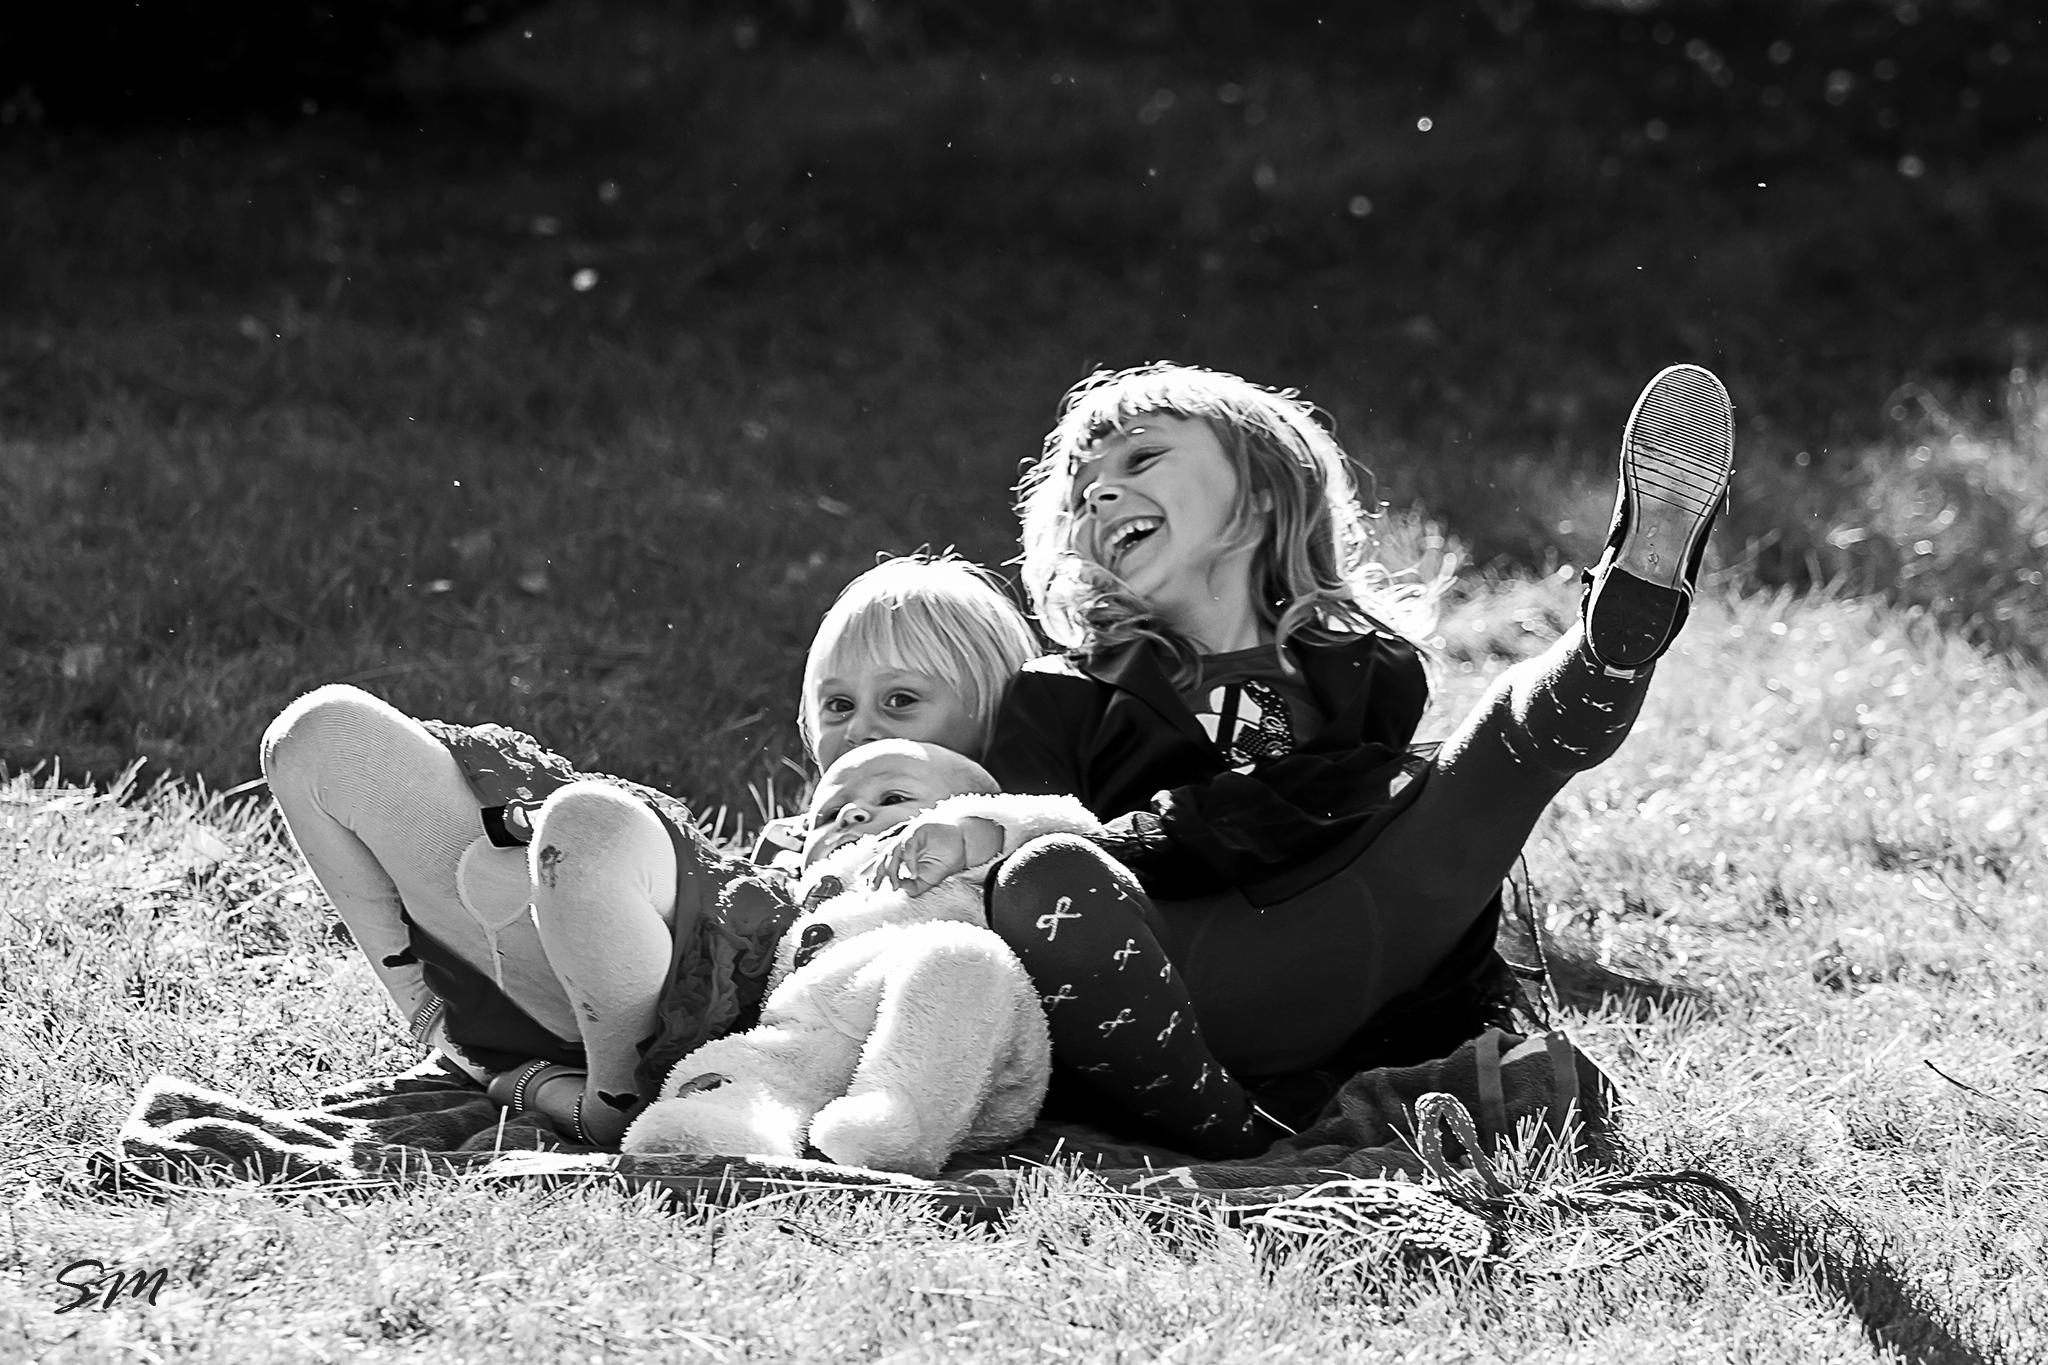 fotograf_nunta_copii (7)